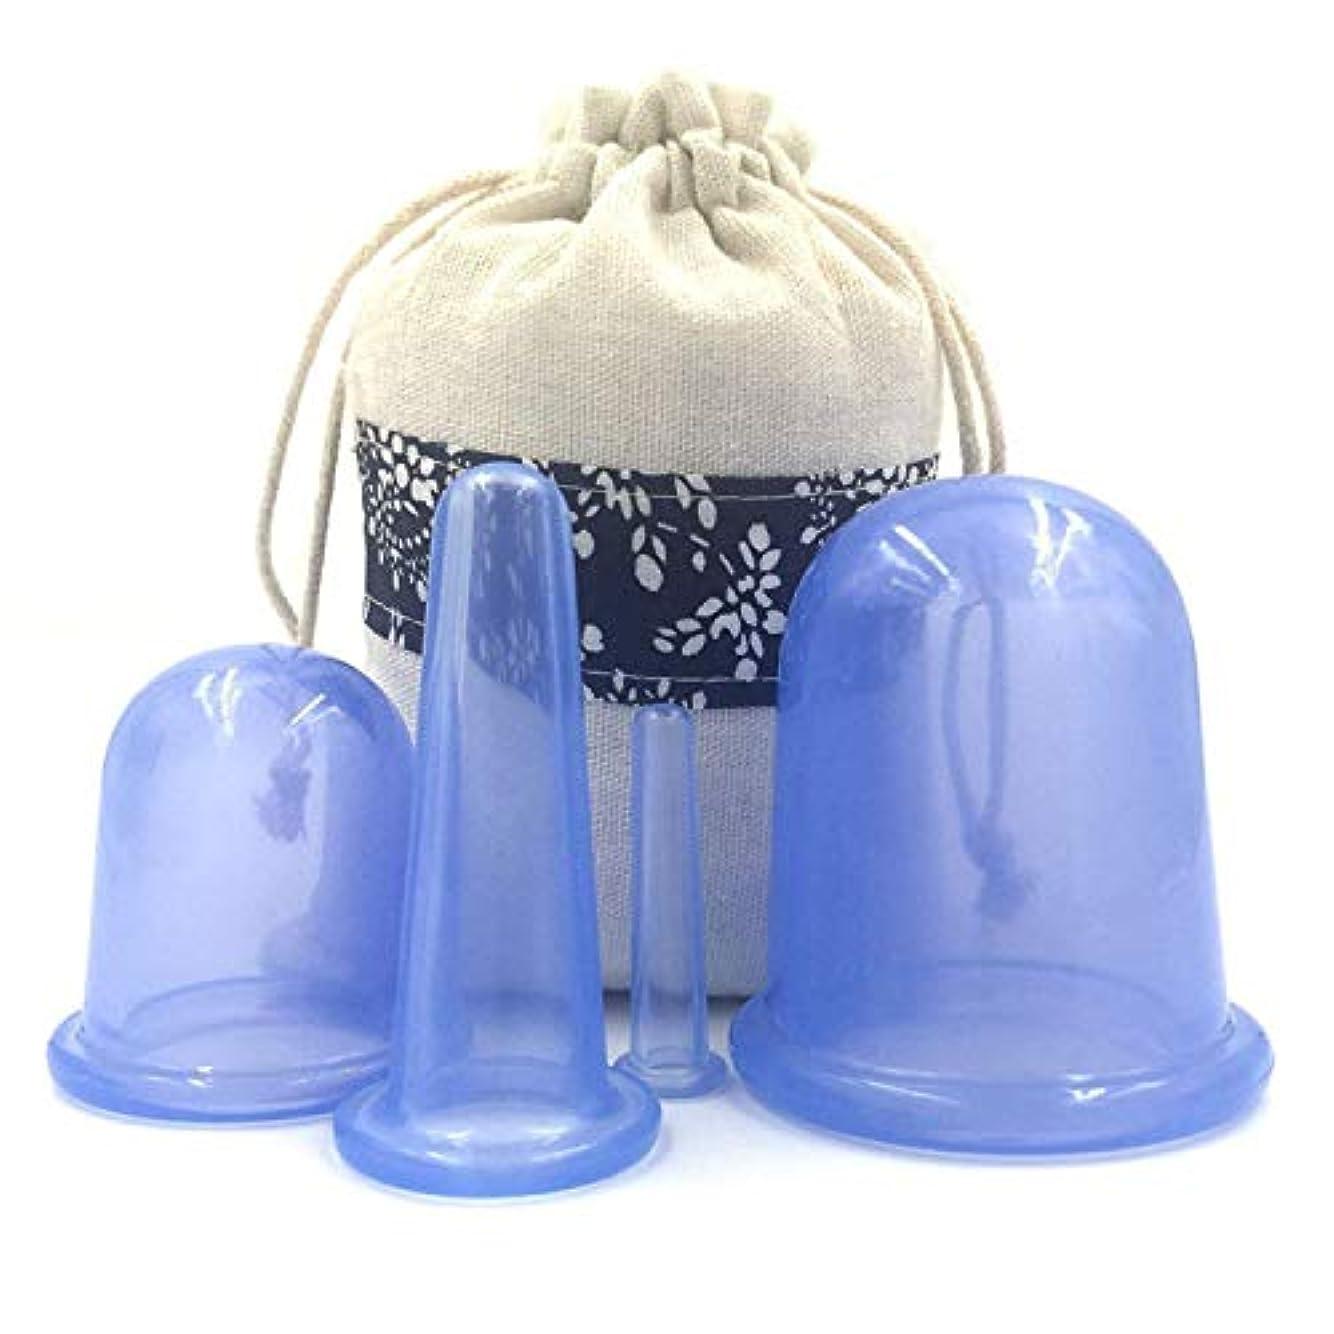 ゆり賭け絶滅したセルライトカッピング療法シリコーンカッピングセット家庭用水分カッピングカッピングマッサージカップ